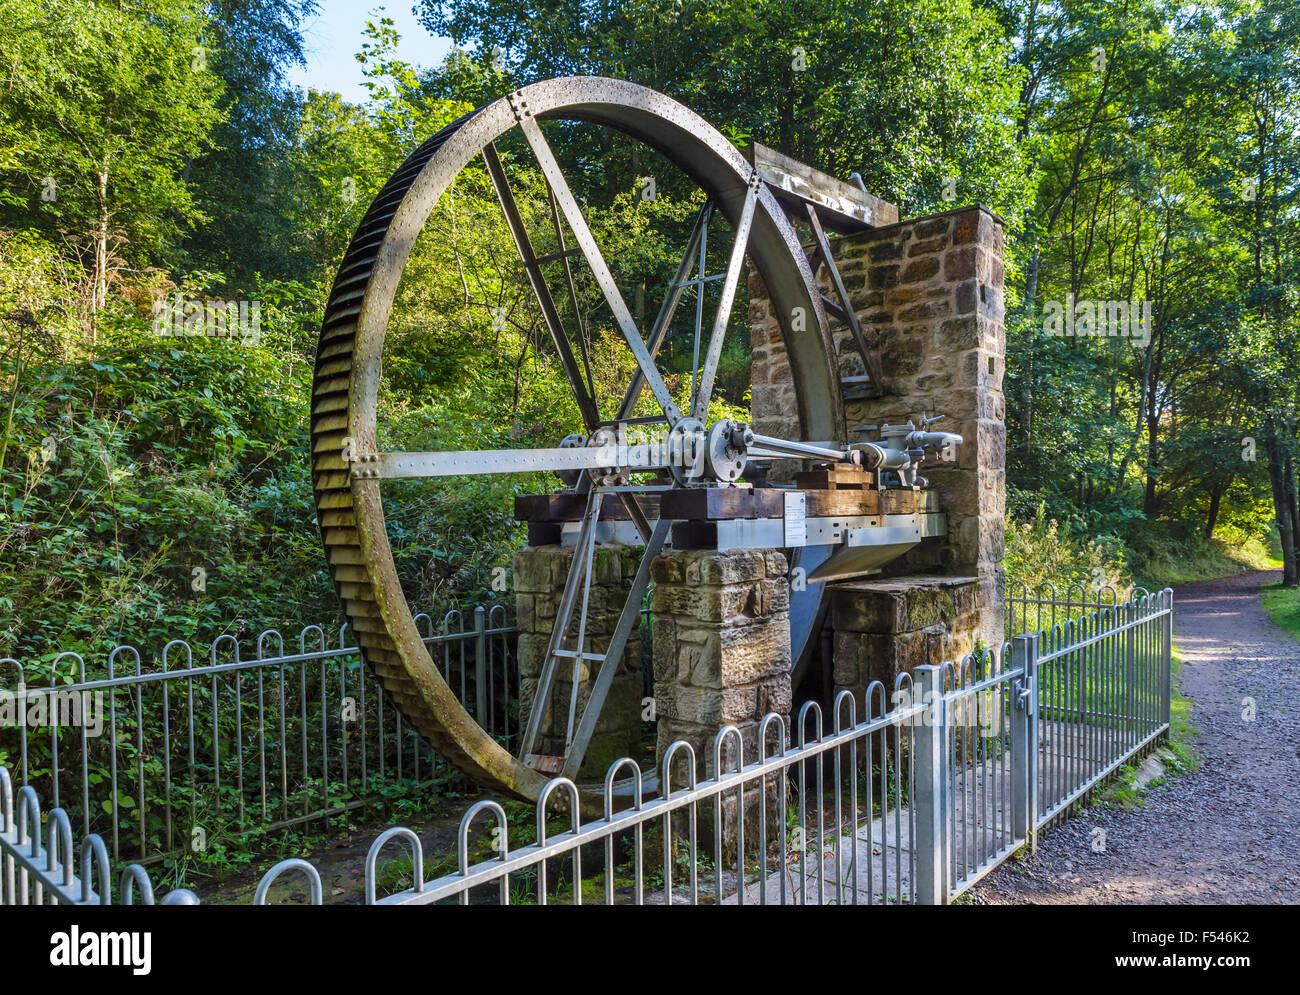 Wasser-Rad an der Seite des Weges zum Krafthaus am Cragside, Rothbury, Northumberland, England, UK Stockbild